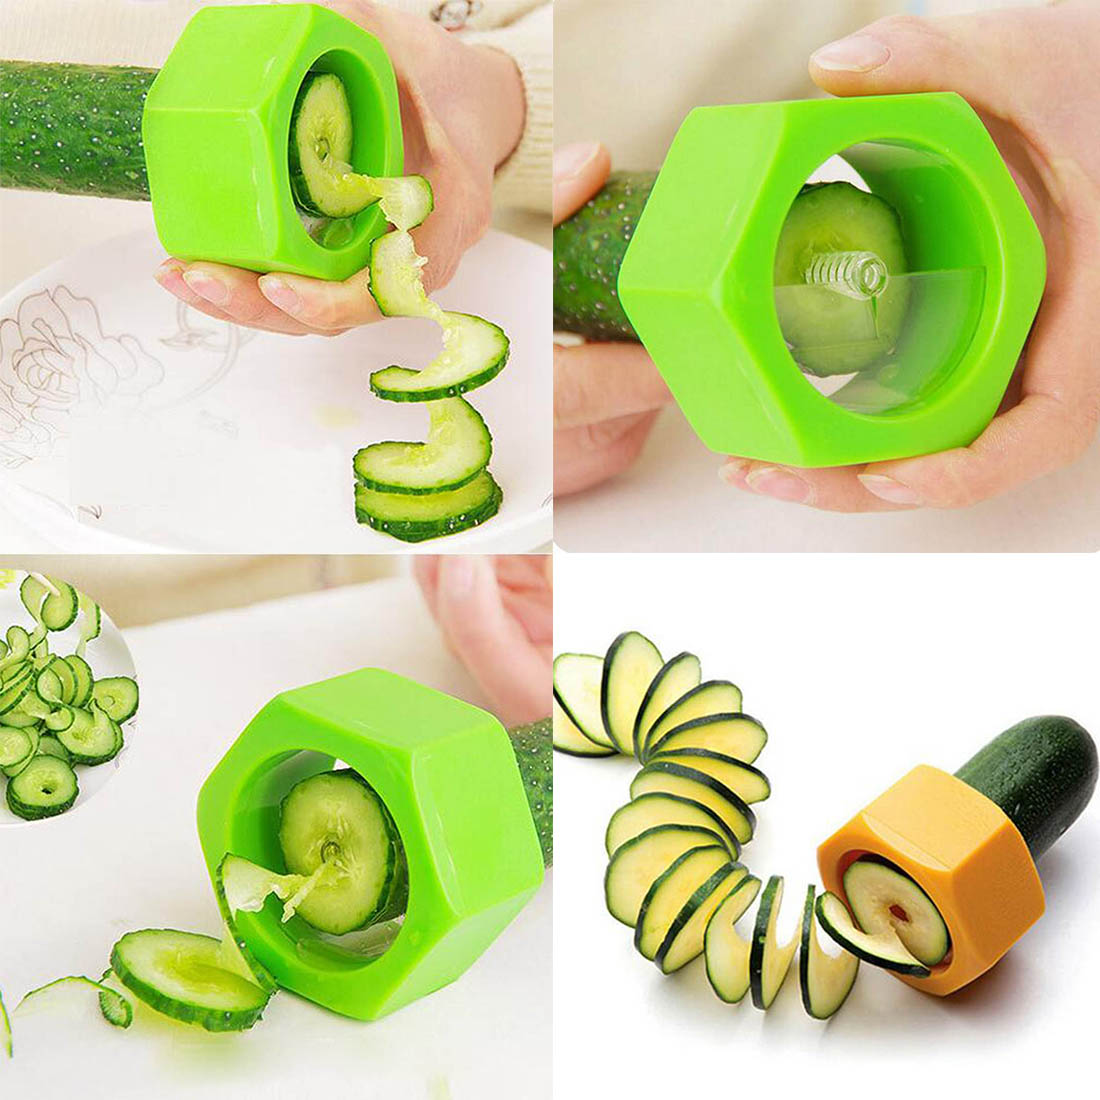 Inteligente Creativo Espiral máquina de Cortar el Pepino Ensalada de Melón Herra